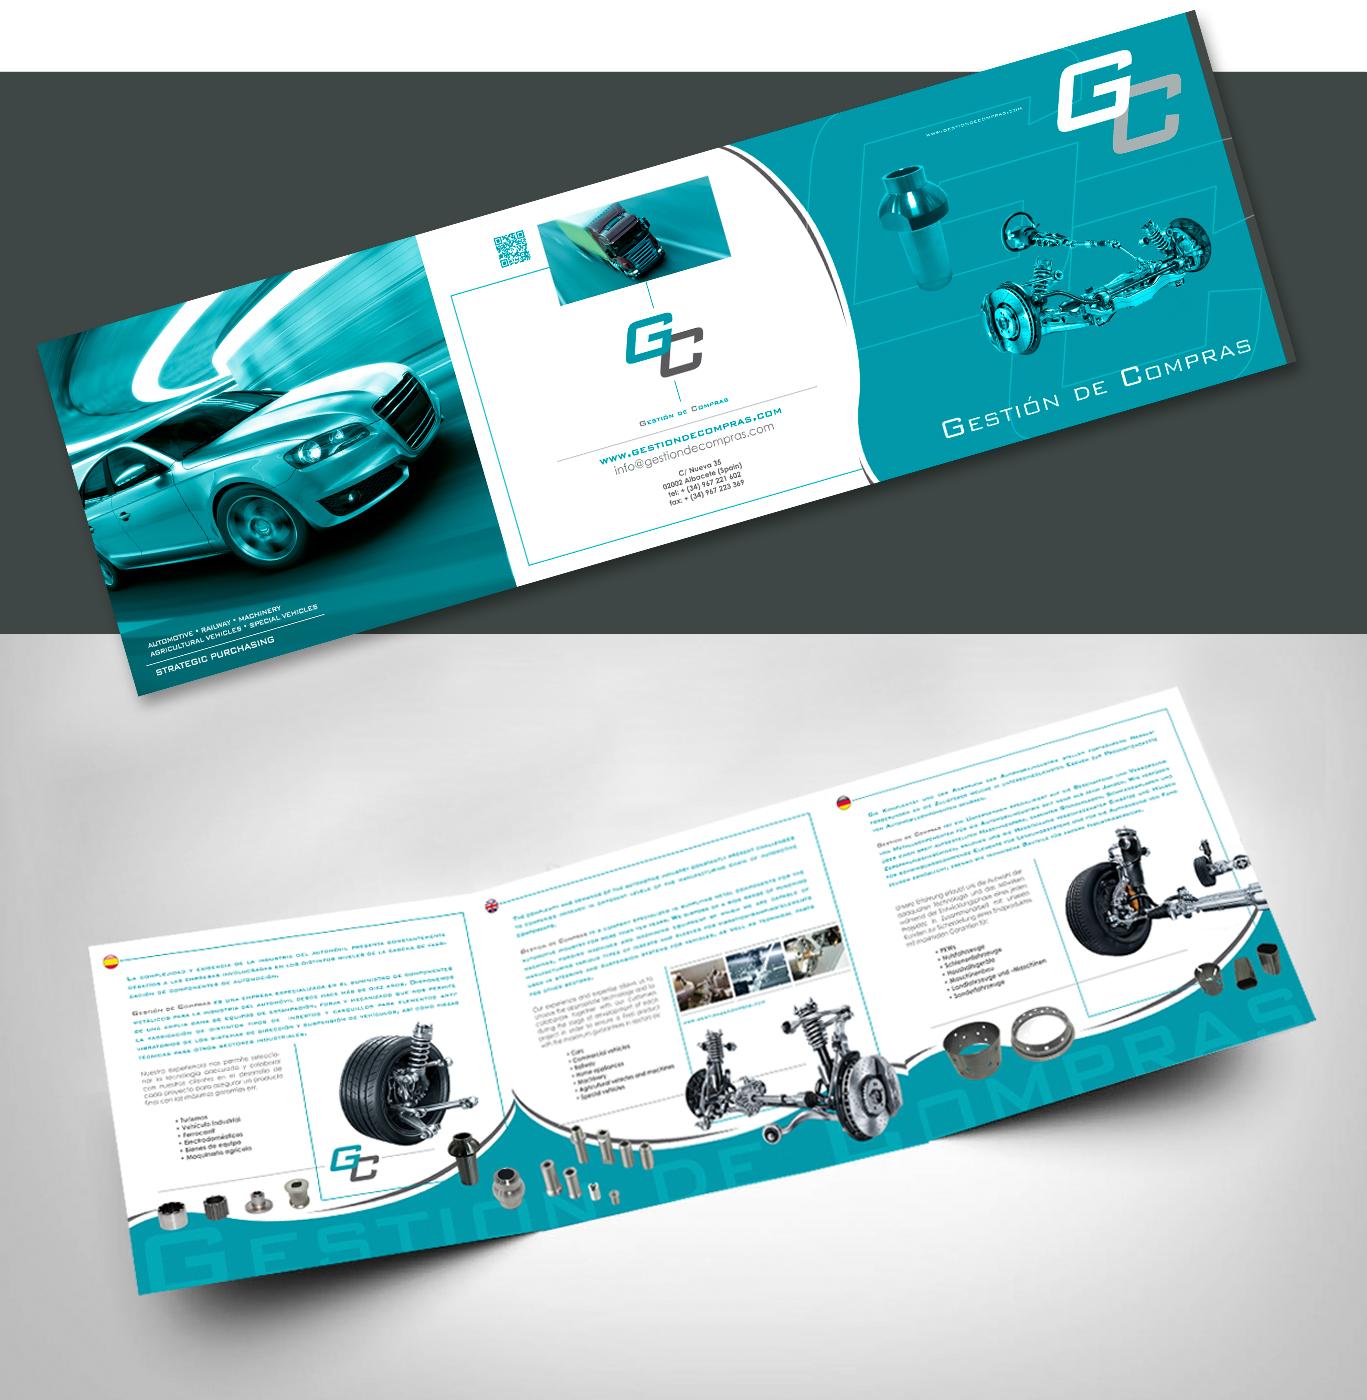 Diseño grafico Albacete, diseño triptico publicitario empresa Gestión de compras